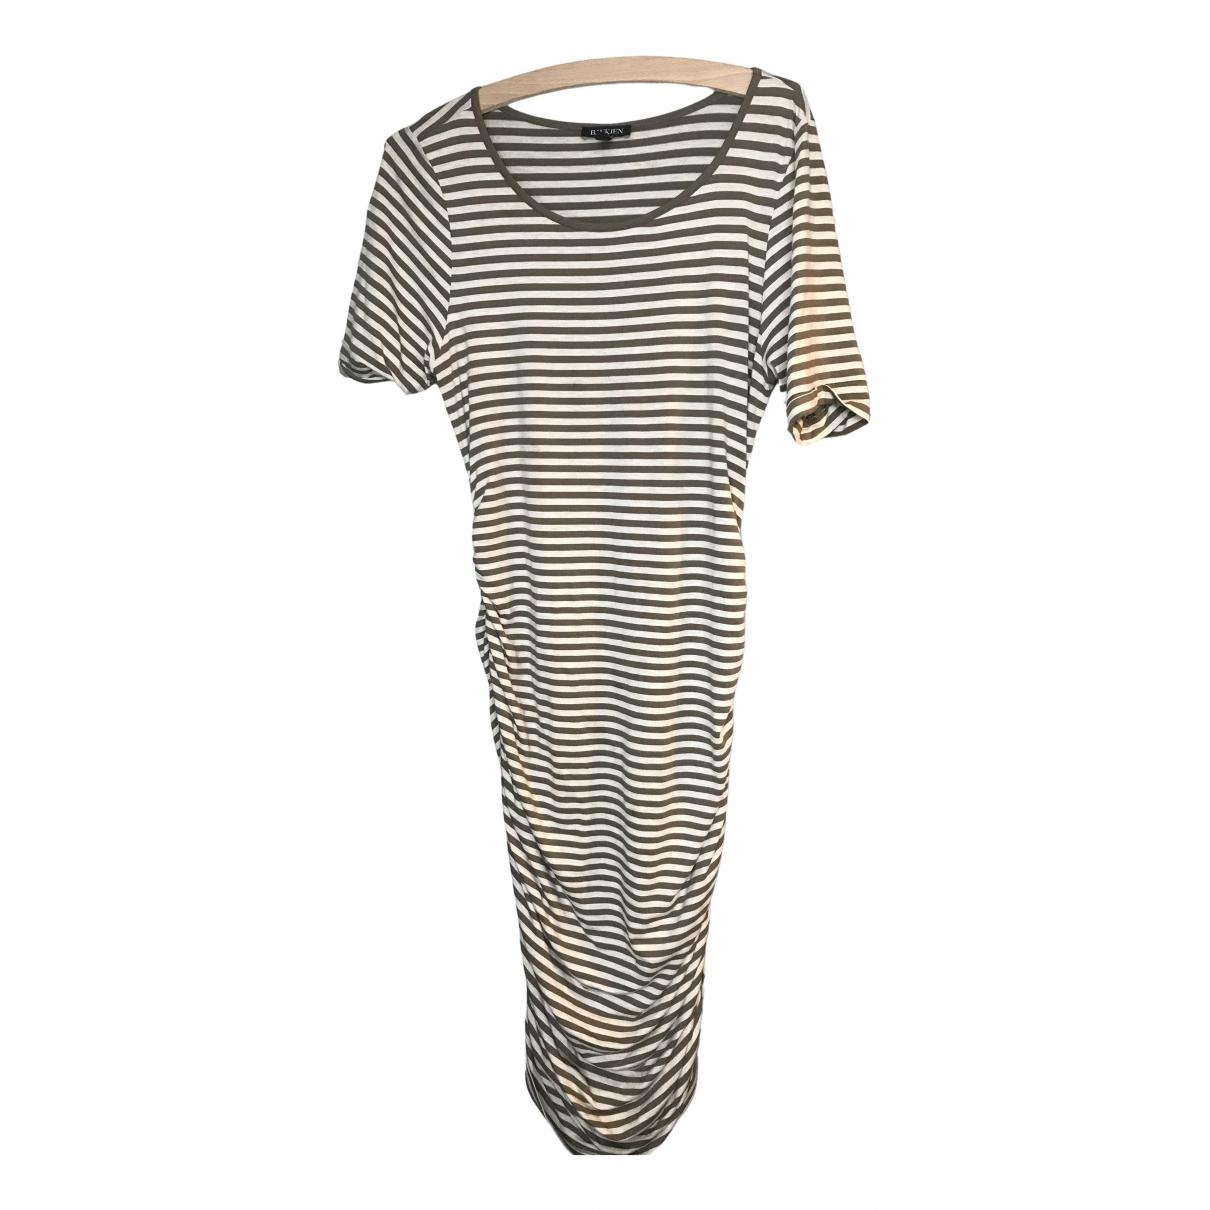 Baukjen \N Khaki dress for Women 16 UK